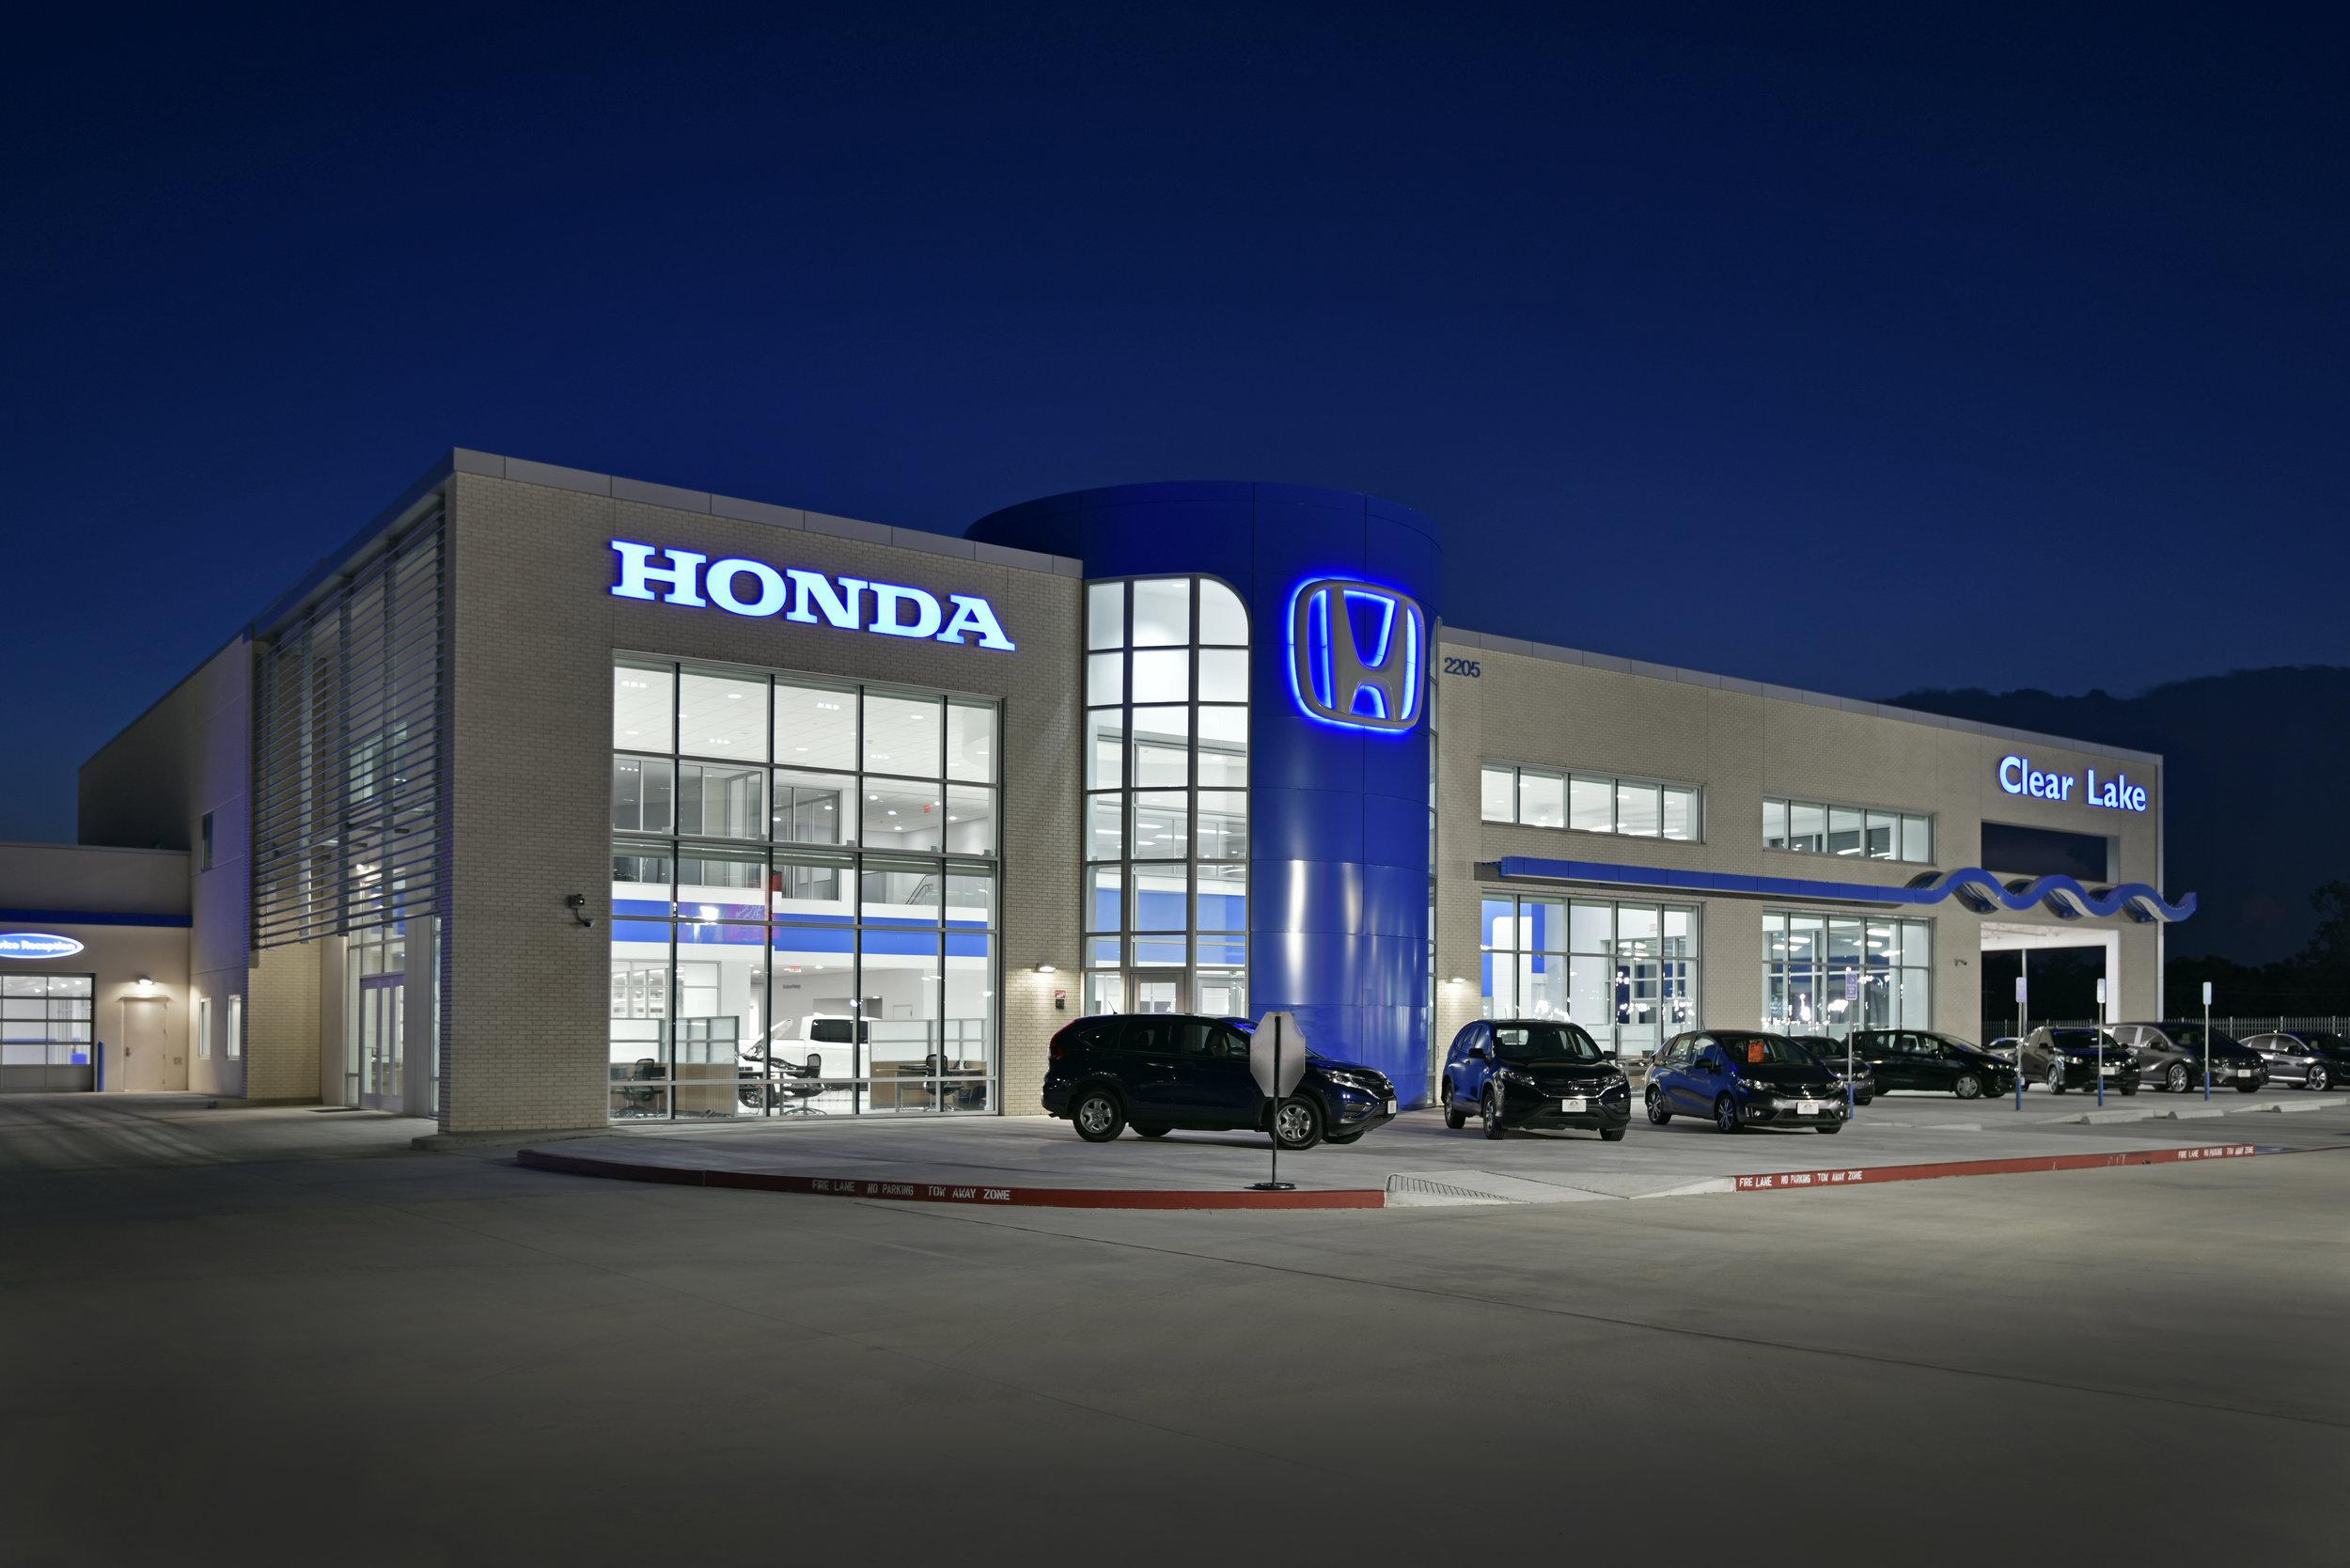 Eagle Honda of Clear Lake, Clear Lake, TX